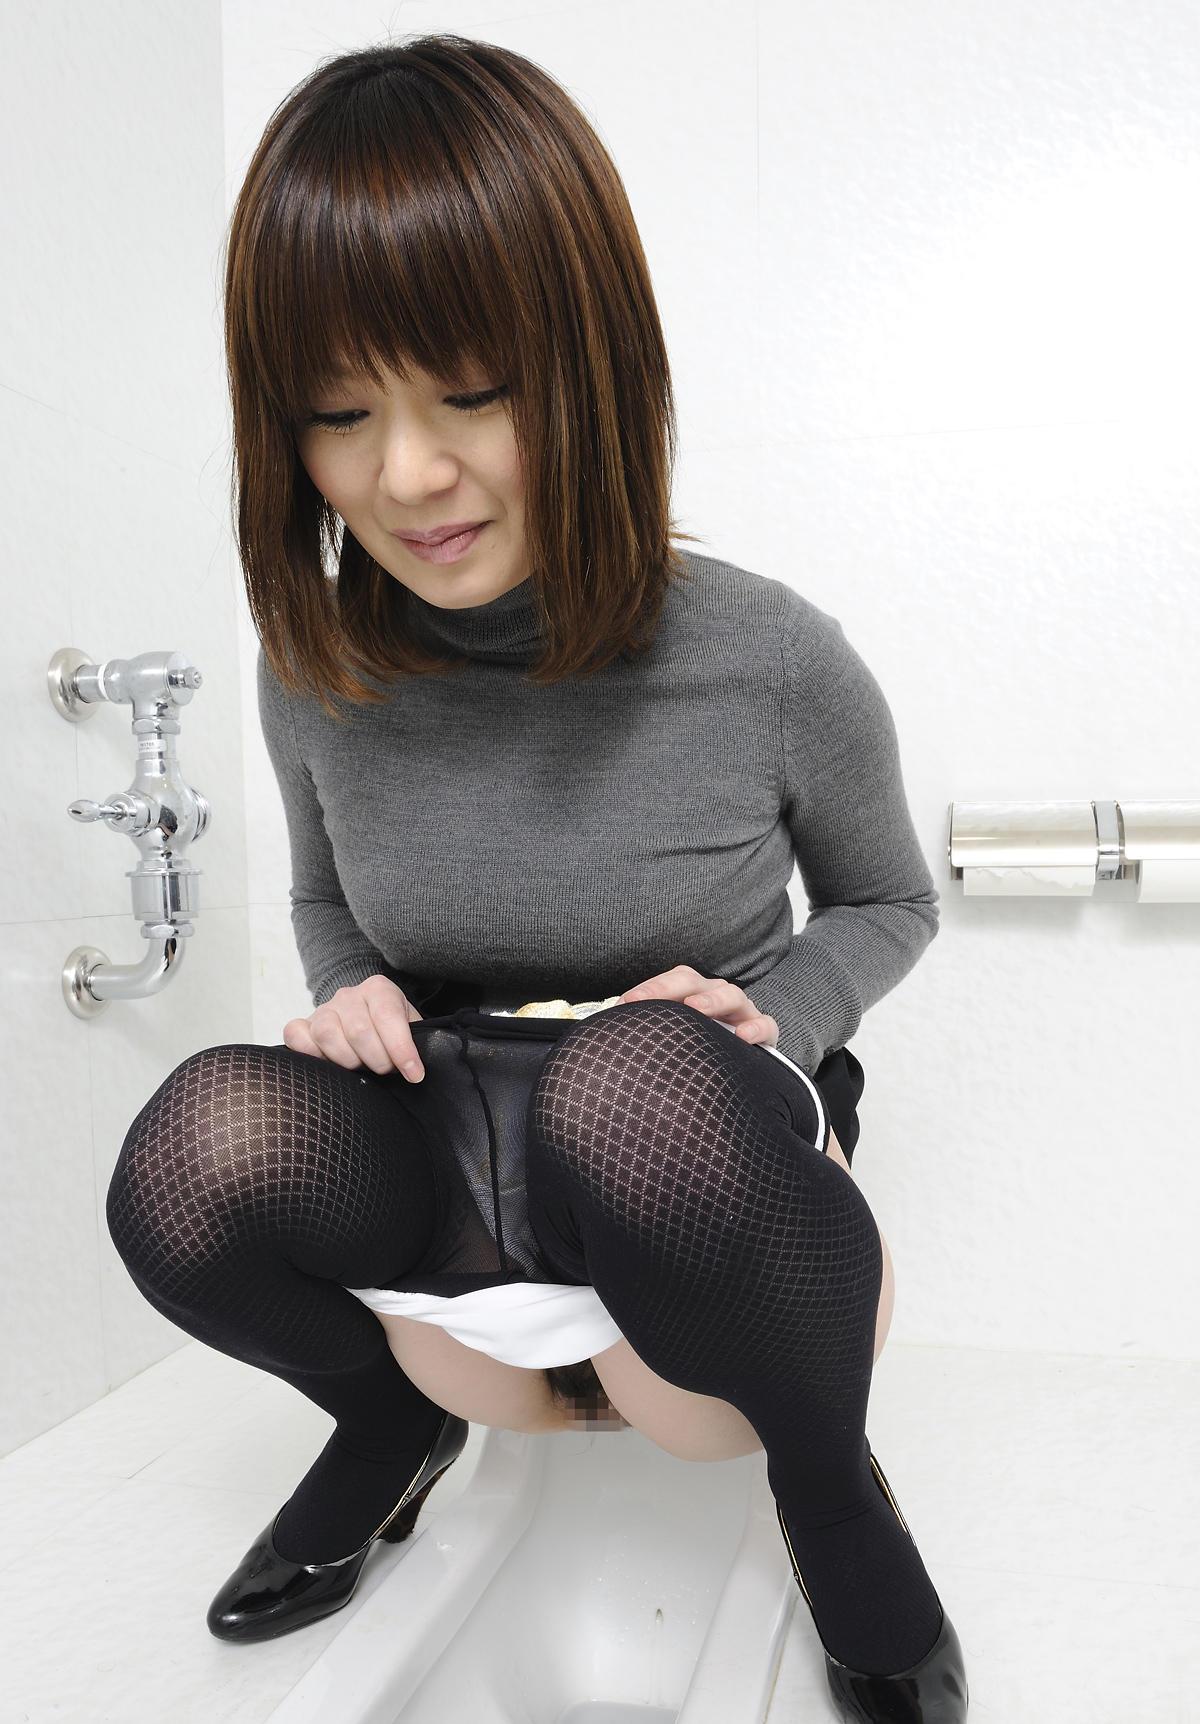 Скрытая камера в туалете подглядывание в женском туалете